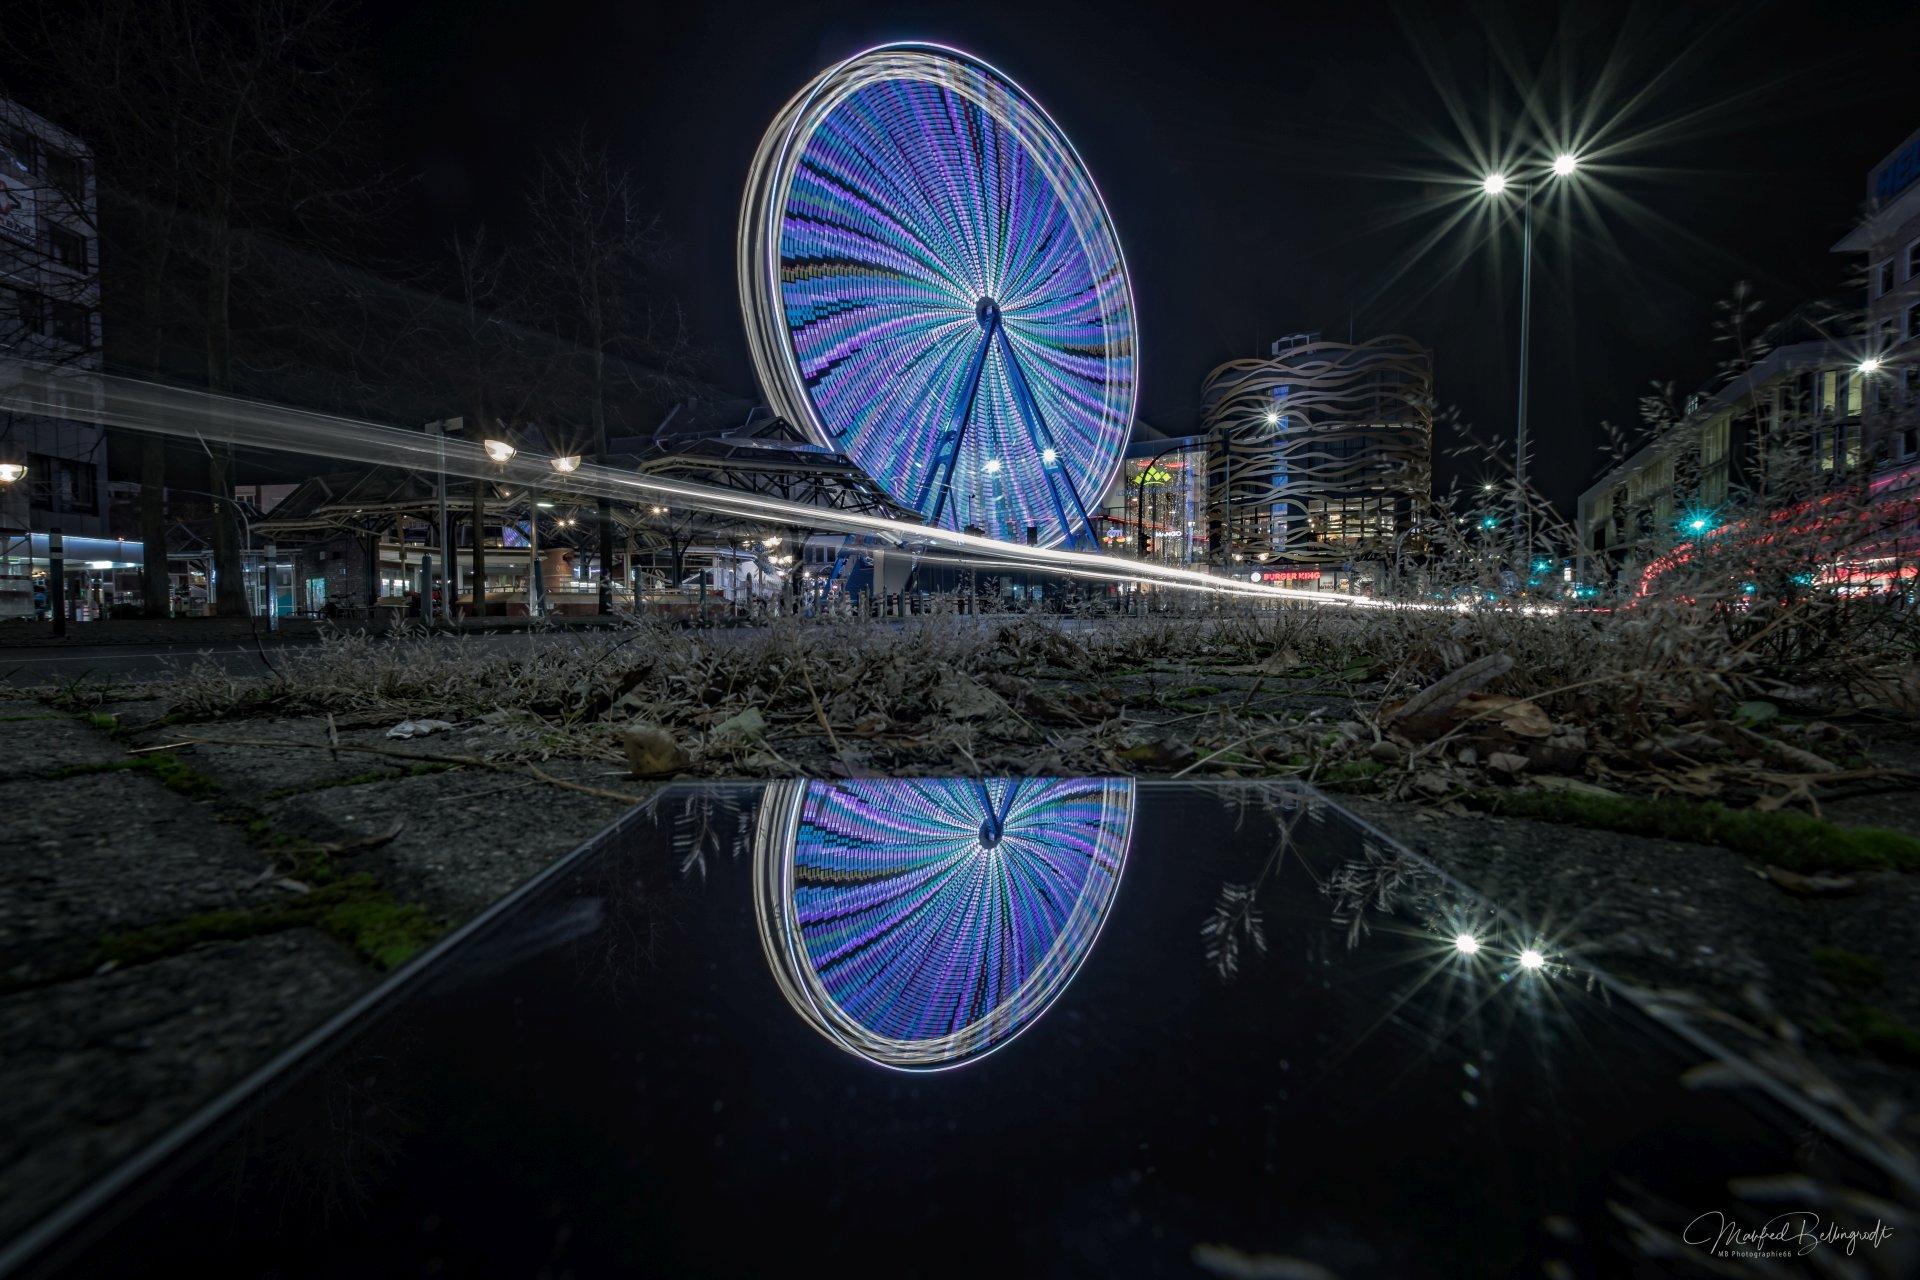 Riesenrad Spiegelung